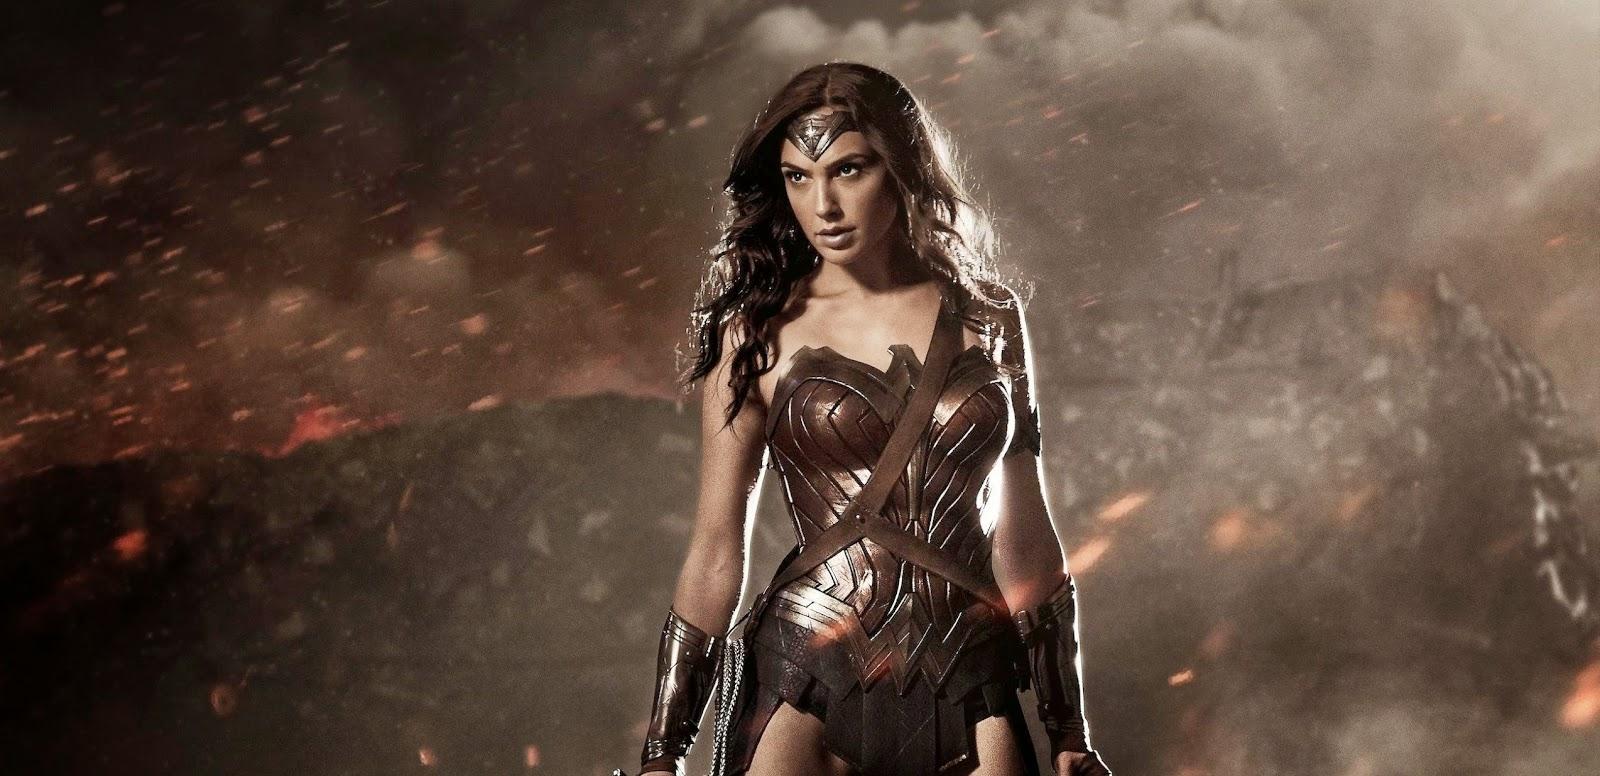 Primeira imagem oficial de Mulher Maravilha em Batman v Superman: Dawn of Justice e descrição do Teaser